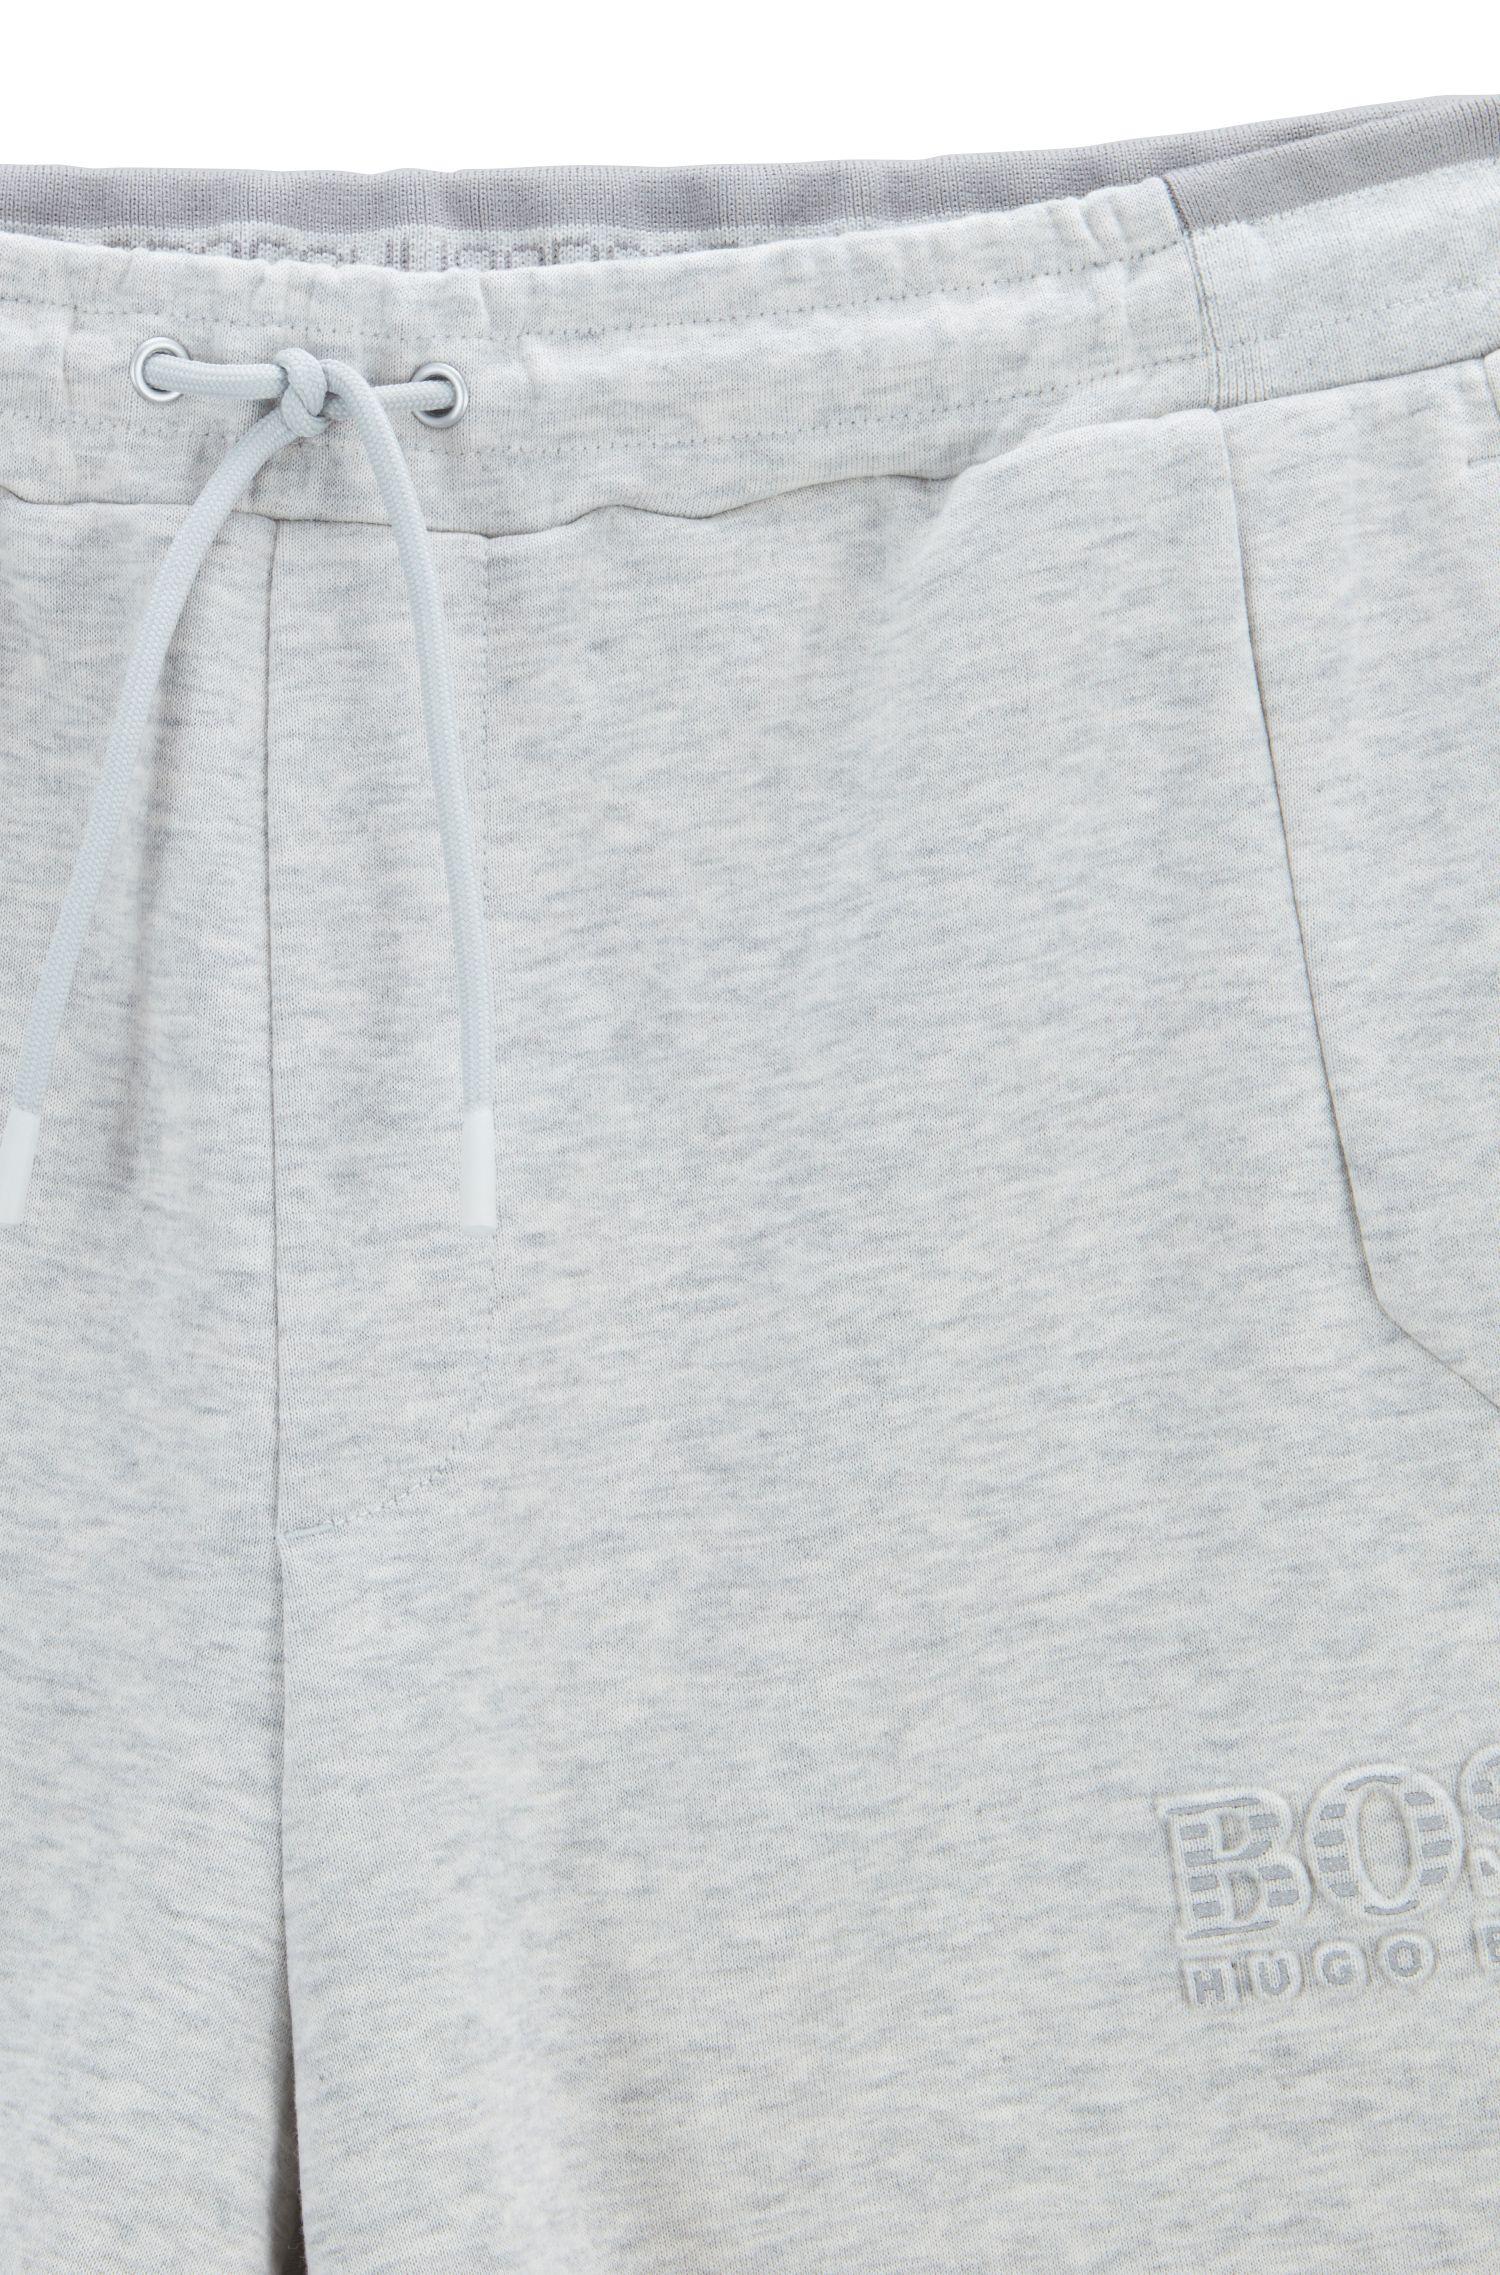 Regular-Fit Shorts aus Baumwoll-Mix mit reflektierenden Elementen, Hellgrau